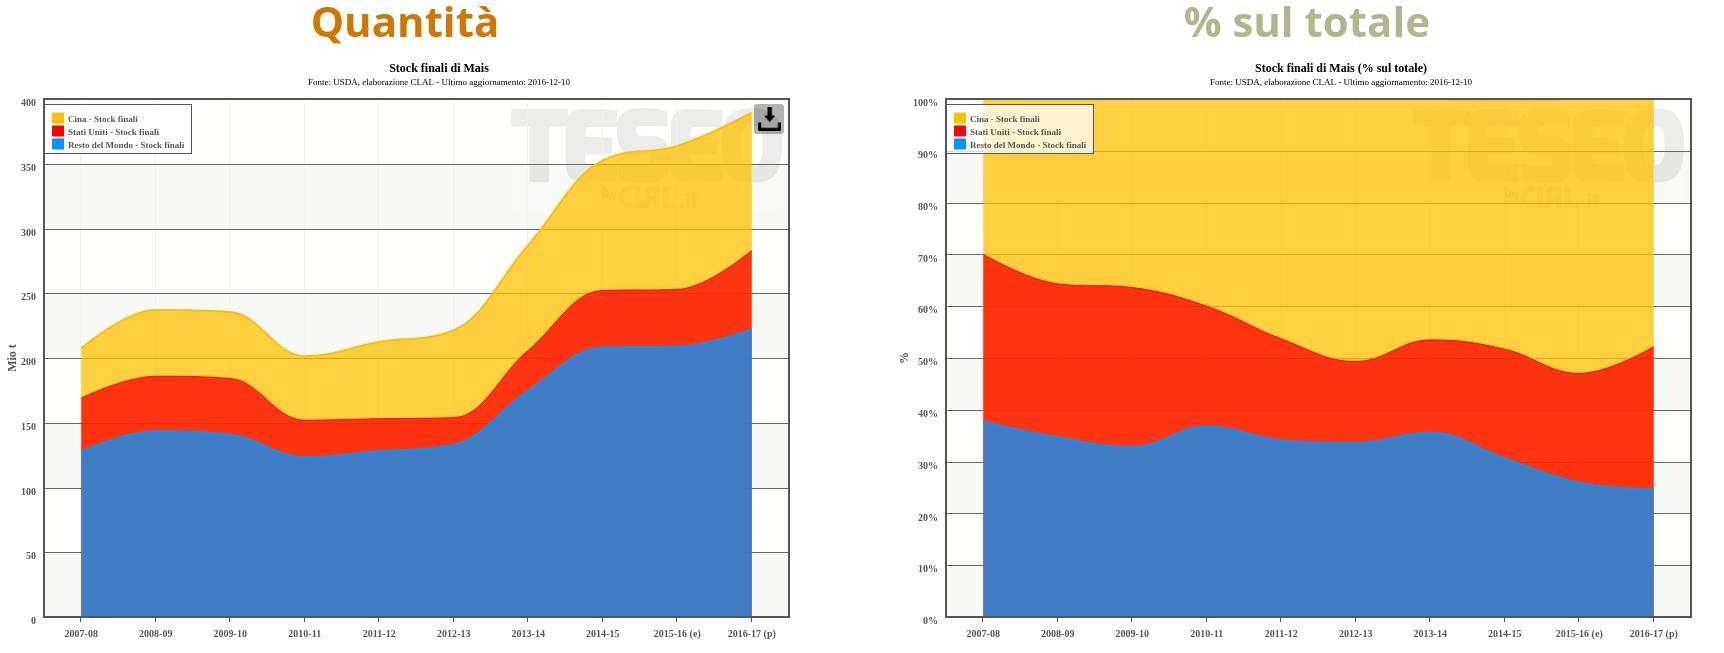 World - Stock finali di Mais, totale e % sul totale